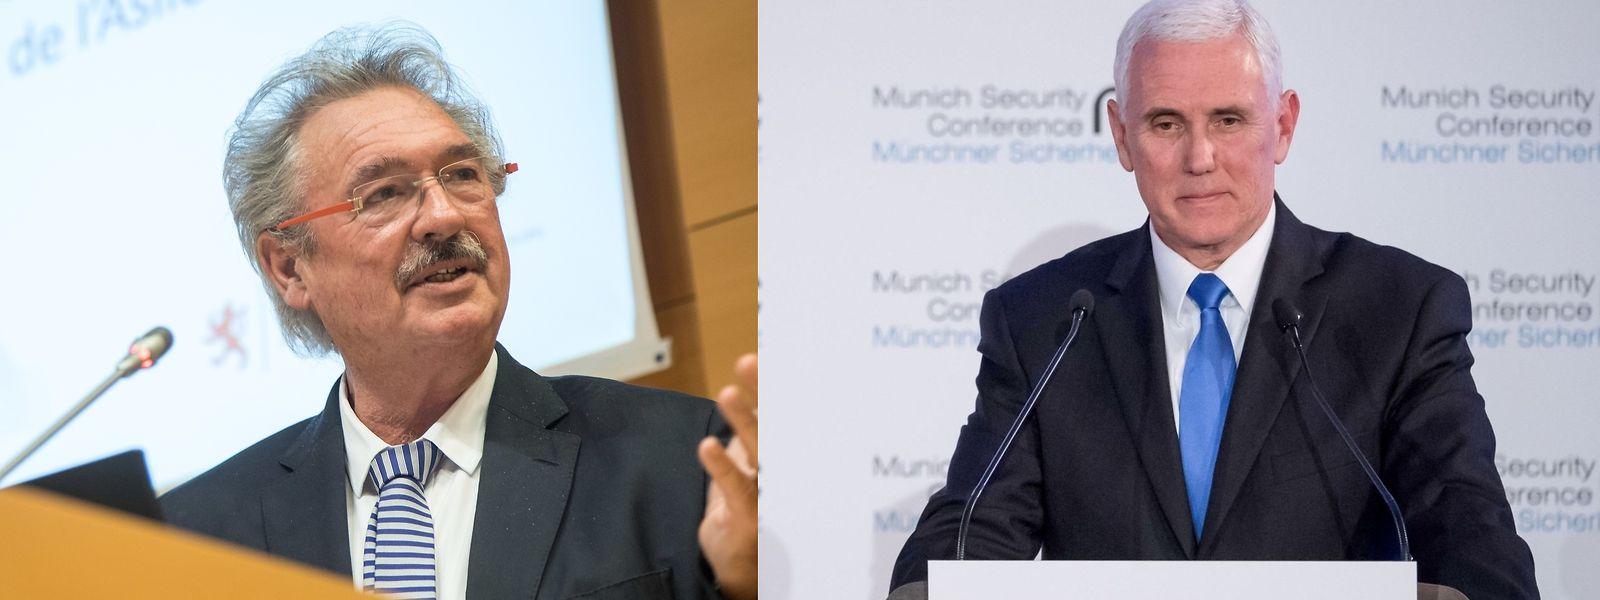 Jean Asselborn kommentiert Mike Pence's Auftritt bei der Münchener Sicherheitskonferenz.